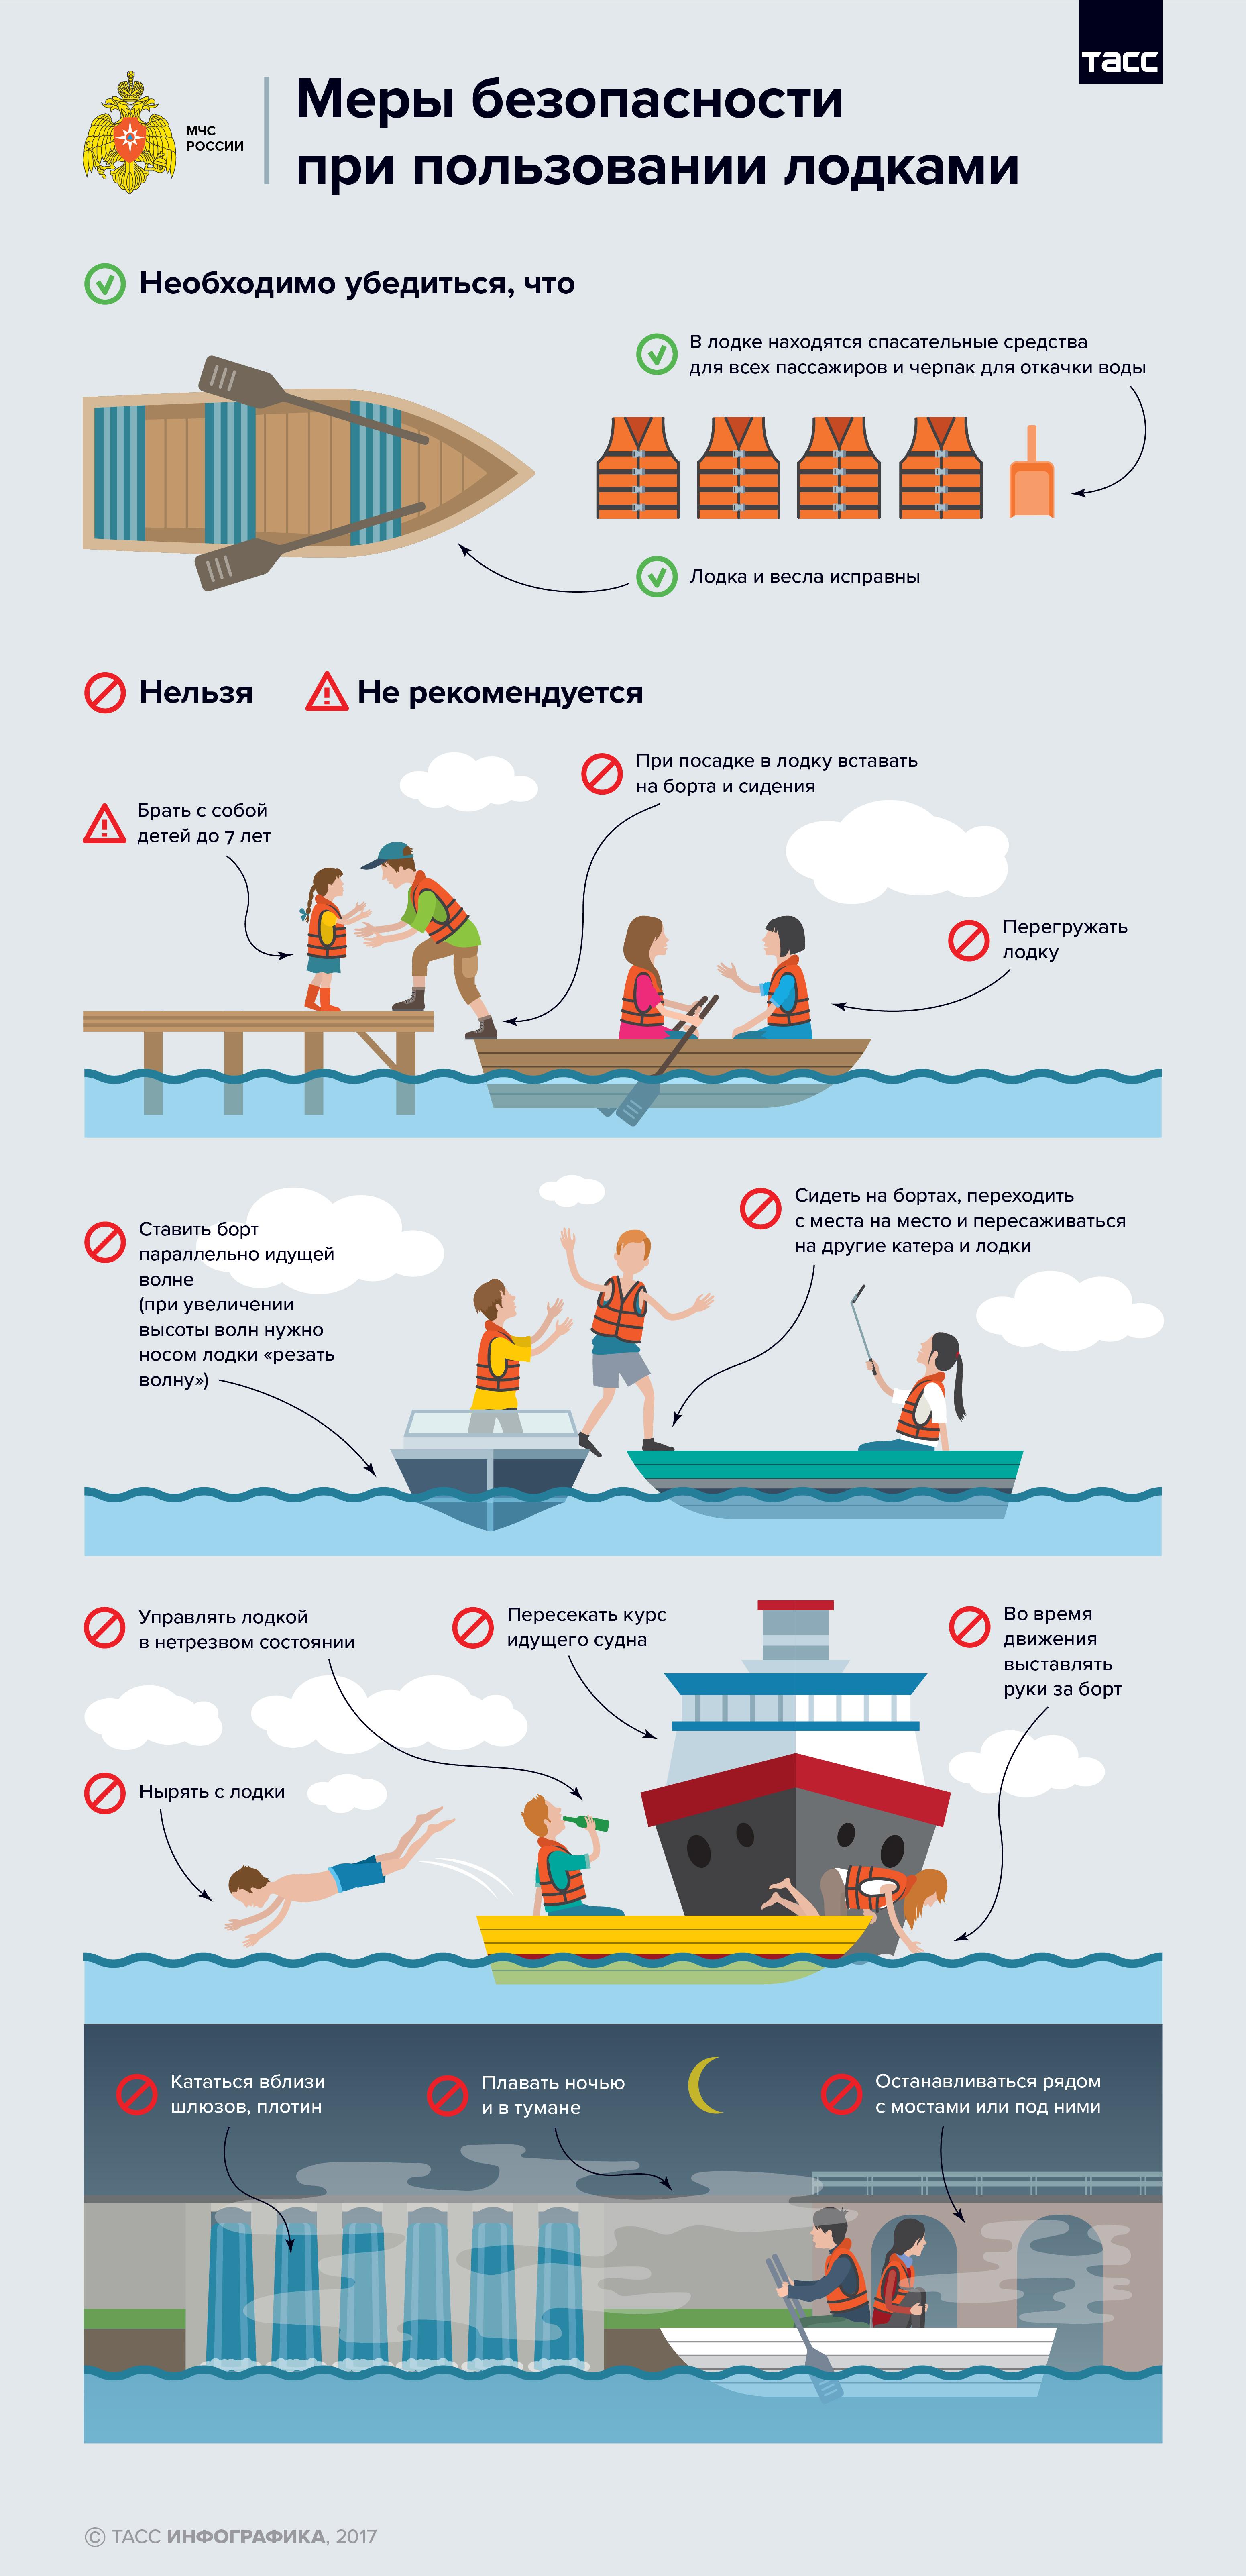 Меры безопасности при пользовании лодками